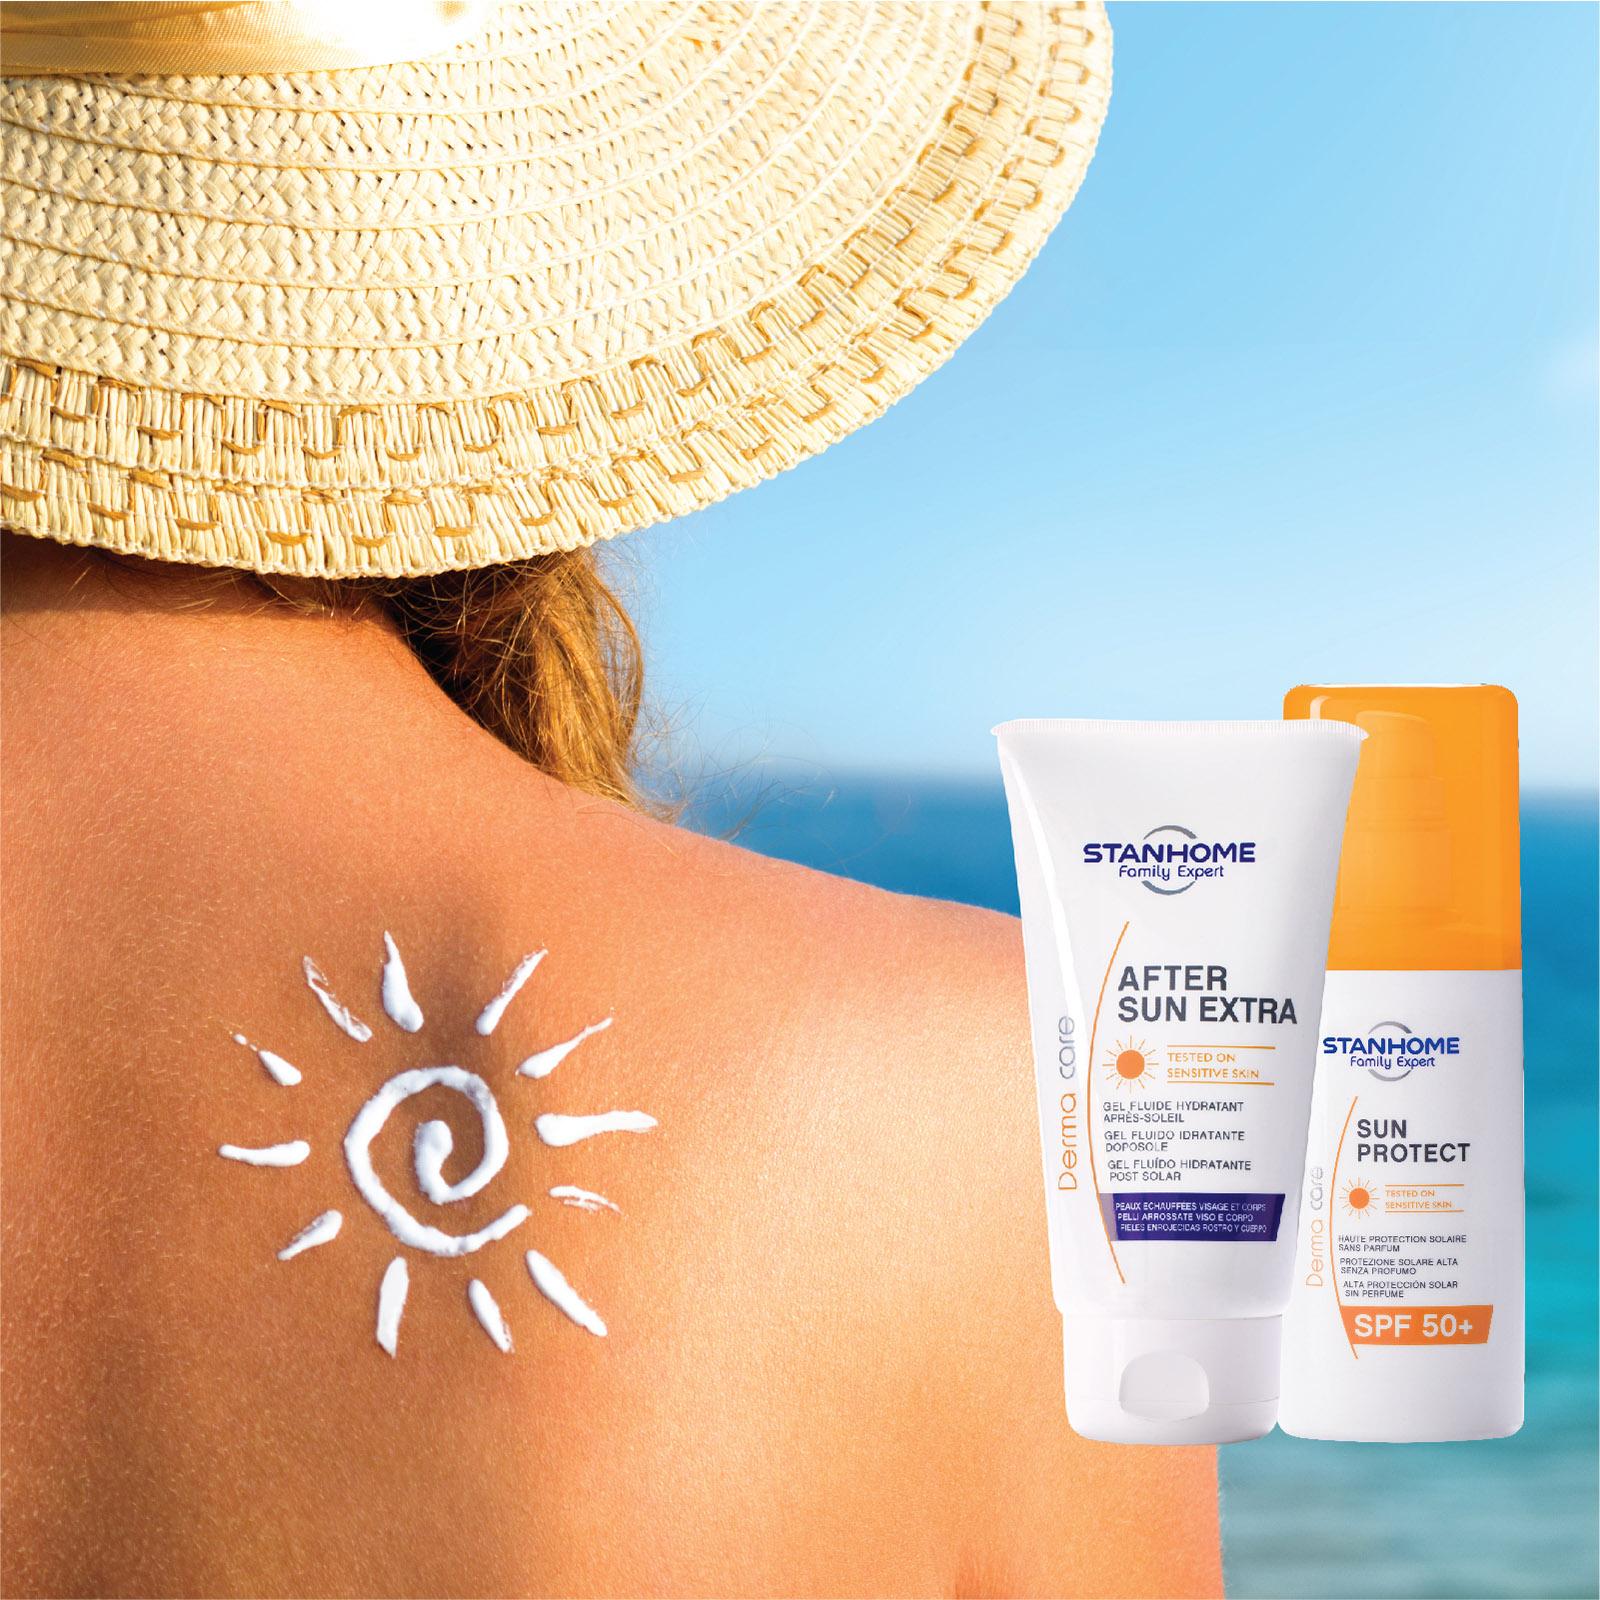 Combo Kem chống nắng Sun Protect SPF50+ 125ml và Kem dưỡng phục hồi sau khi ra nắng After Sun Extra 150ml